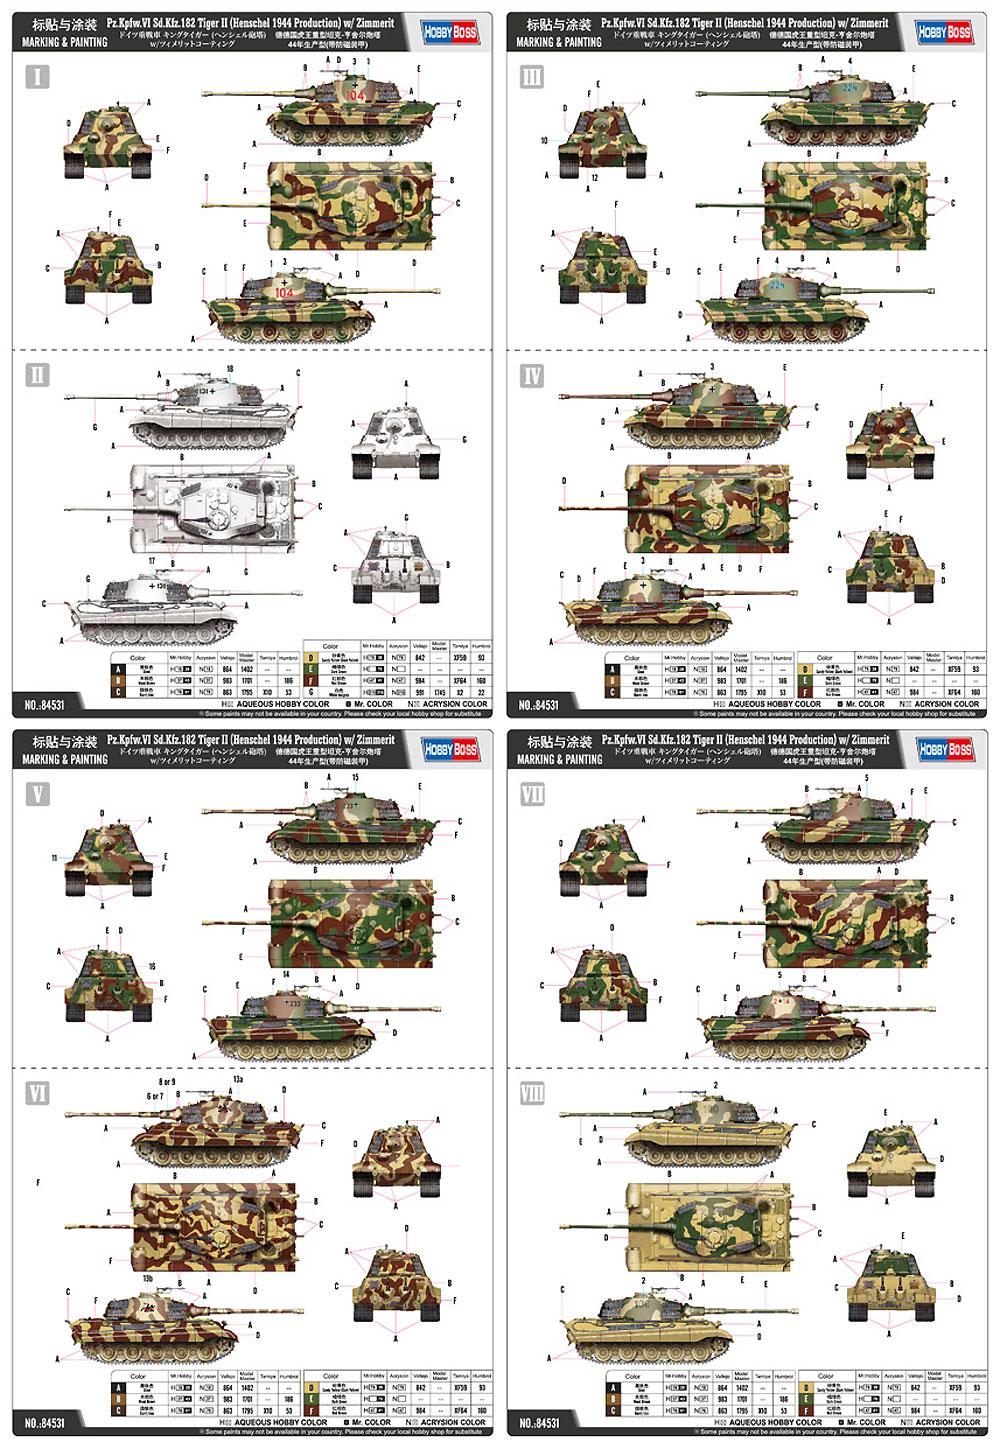 ドイツ 重戦車 キングタイガー ヘンシェル砲塔 w/ツィメリットコーティングプラモデル(ホビーボス1/35 ファイティングビークル シリーズNo.84531)商品画像_1